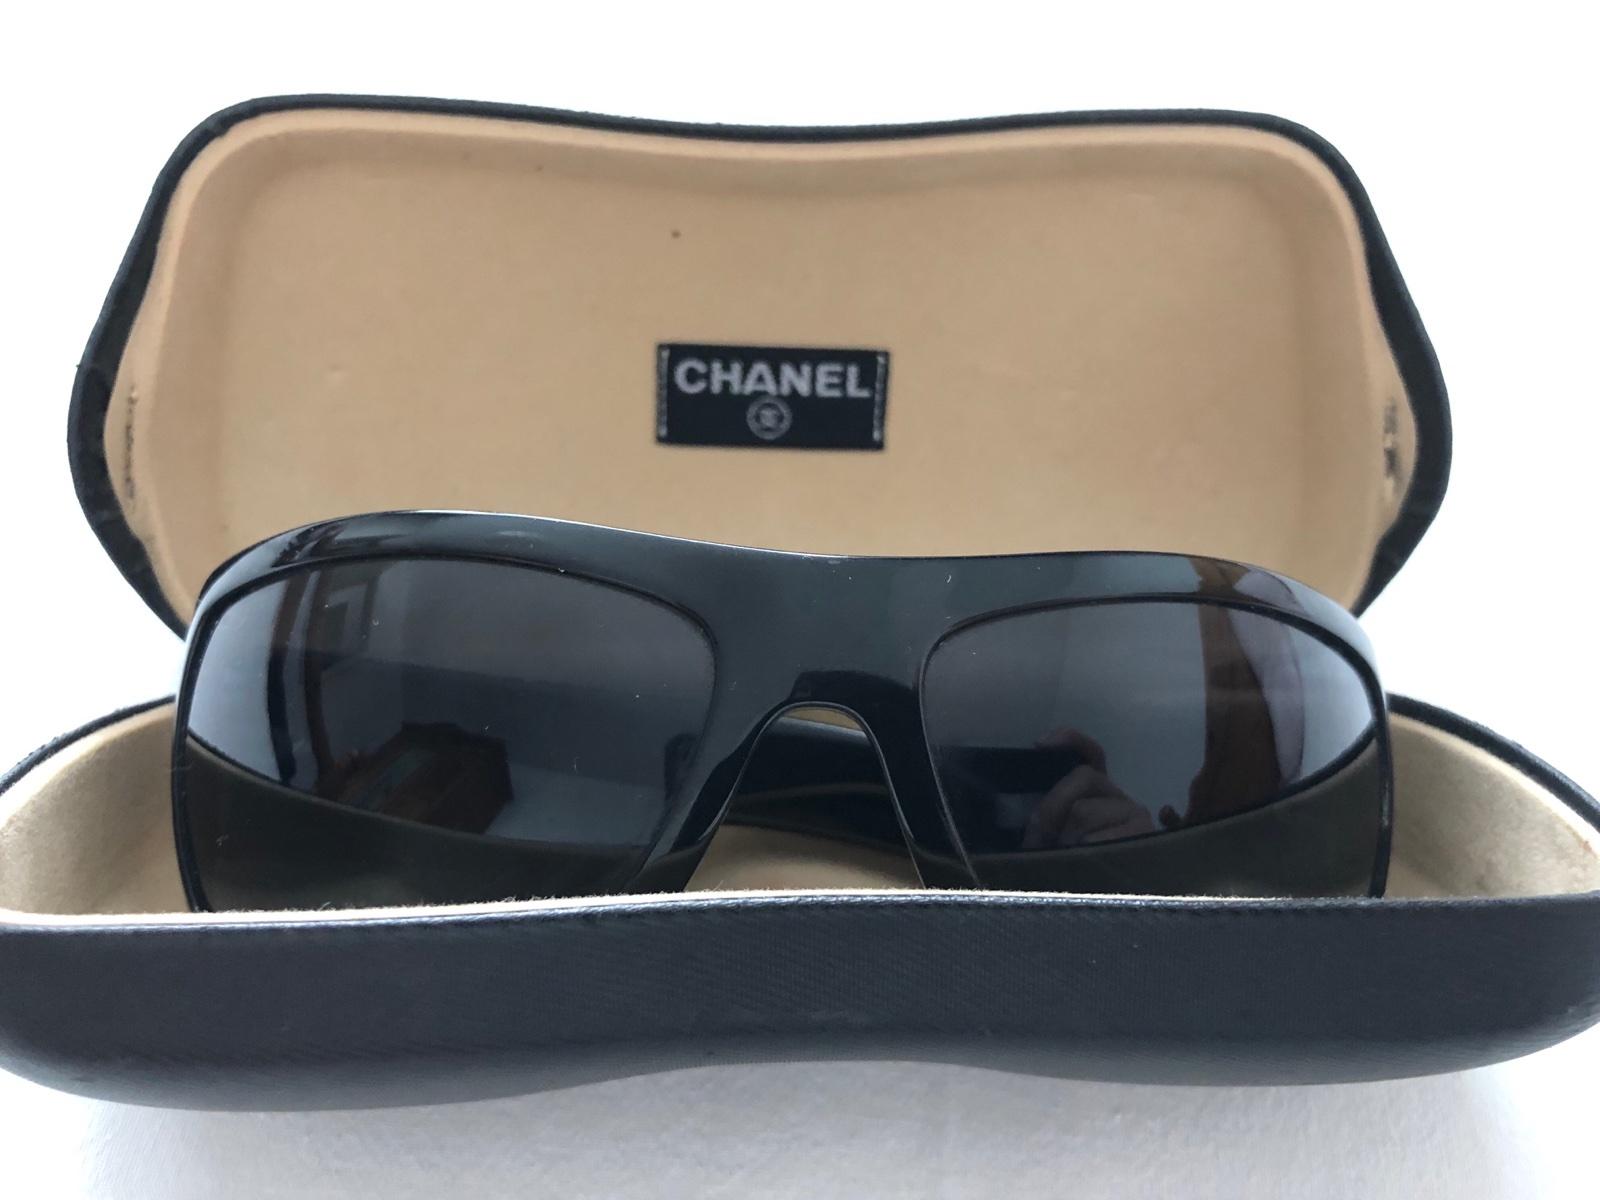 8d17e0706 Slnecne okuliare chanel, - 40 € od predávajúcej blankakorf | Detský bazár |  ModryKonik.sk